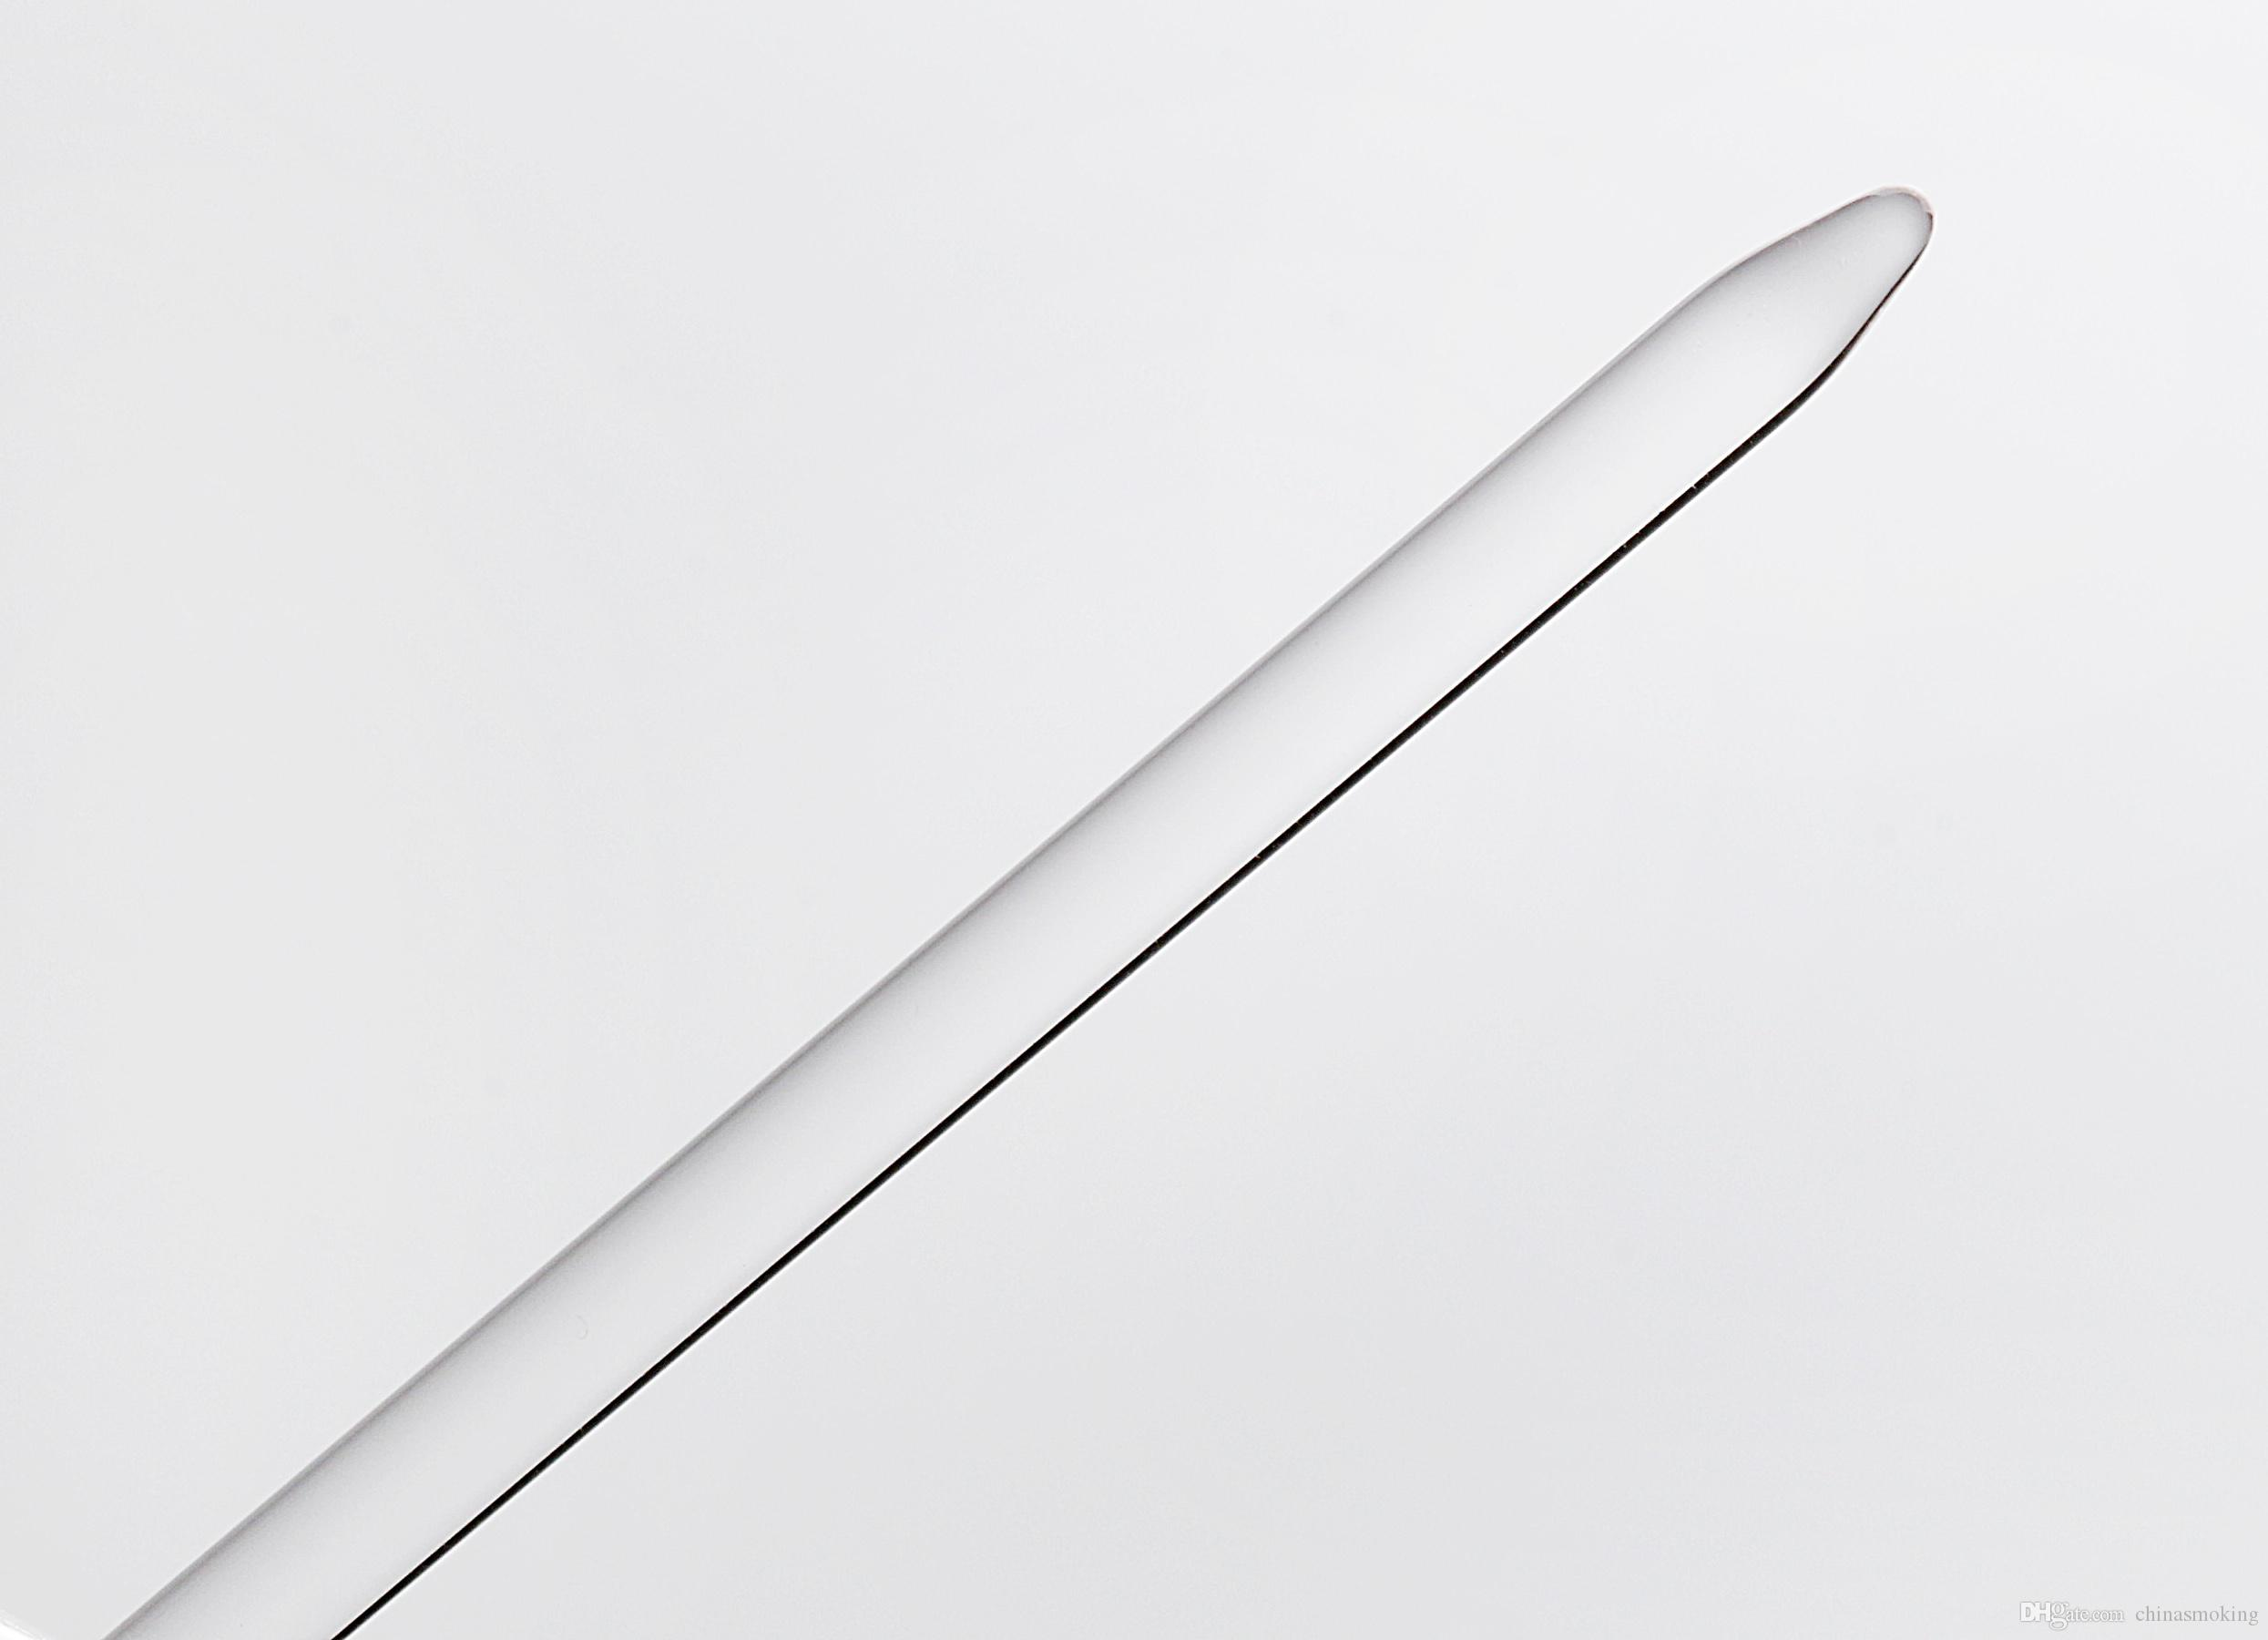 Tappo del carb del quarzo di DHL i chiodi del chiosco con una maniglia dal lato con un foro di aria